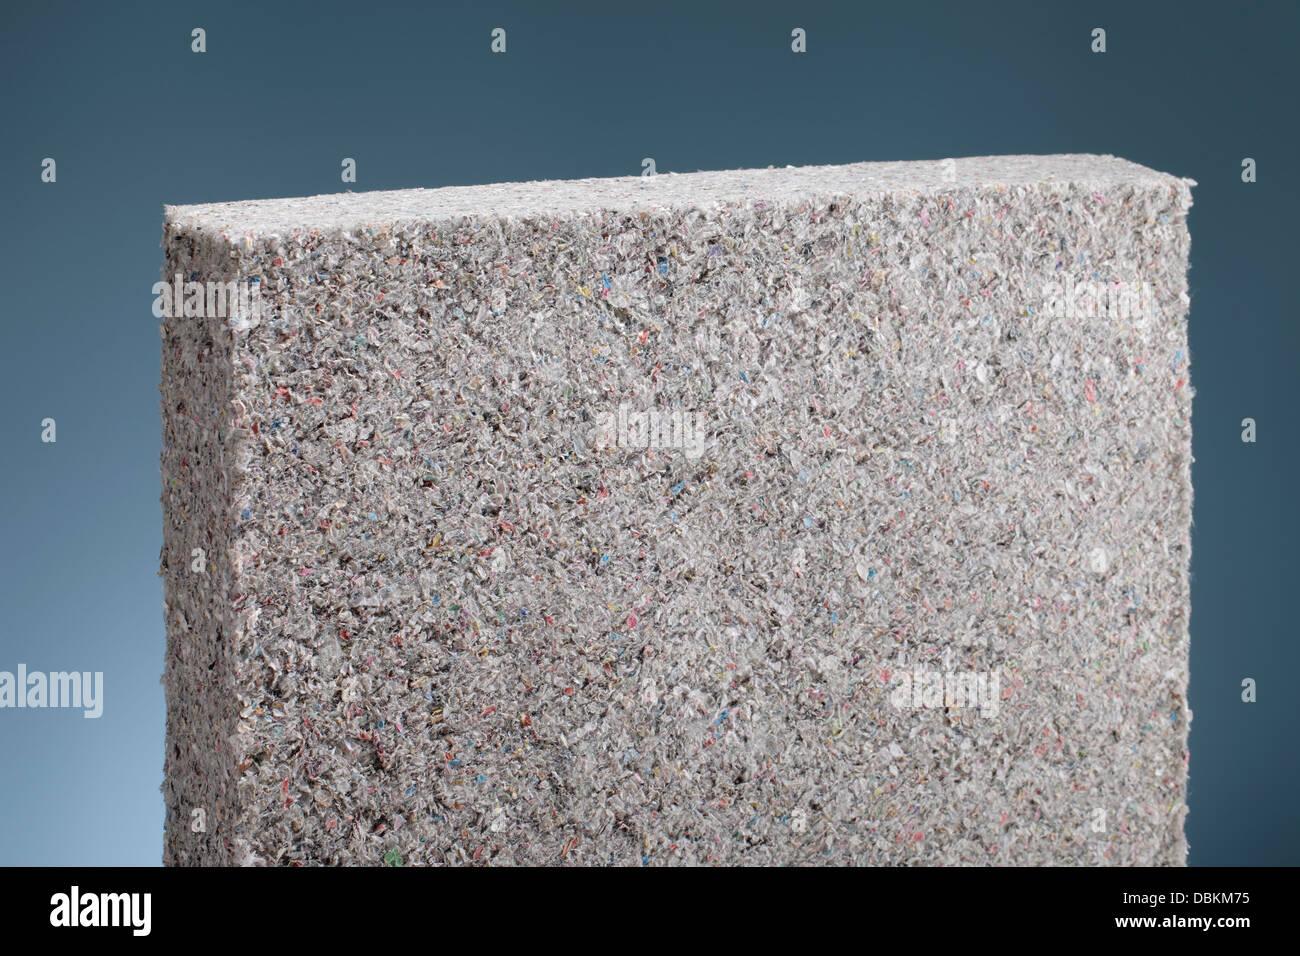 Zellulose Isolierung Batt Platte, aus recyceltem Zeitungspapier, als Gebäude-Wärmedämmung verwendet. Stockbild